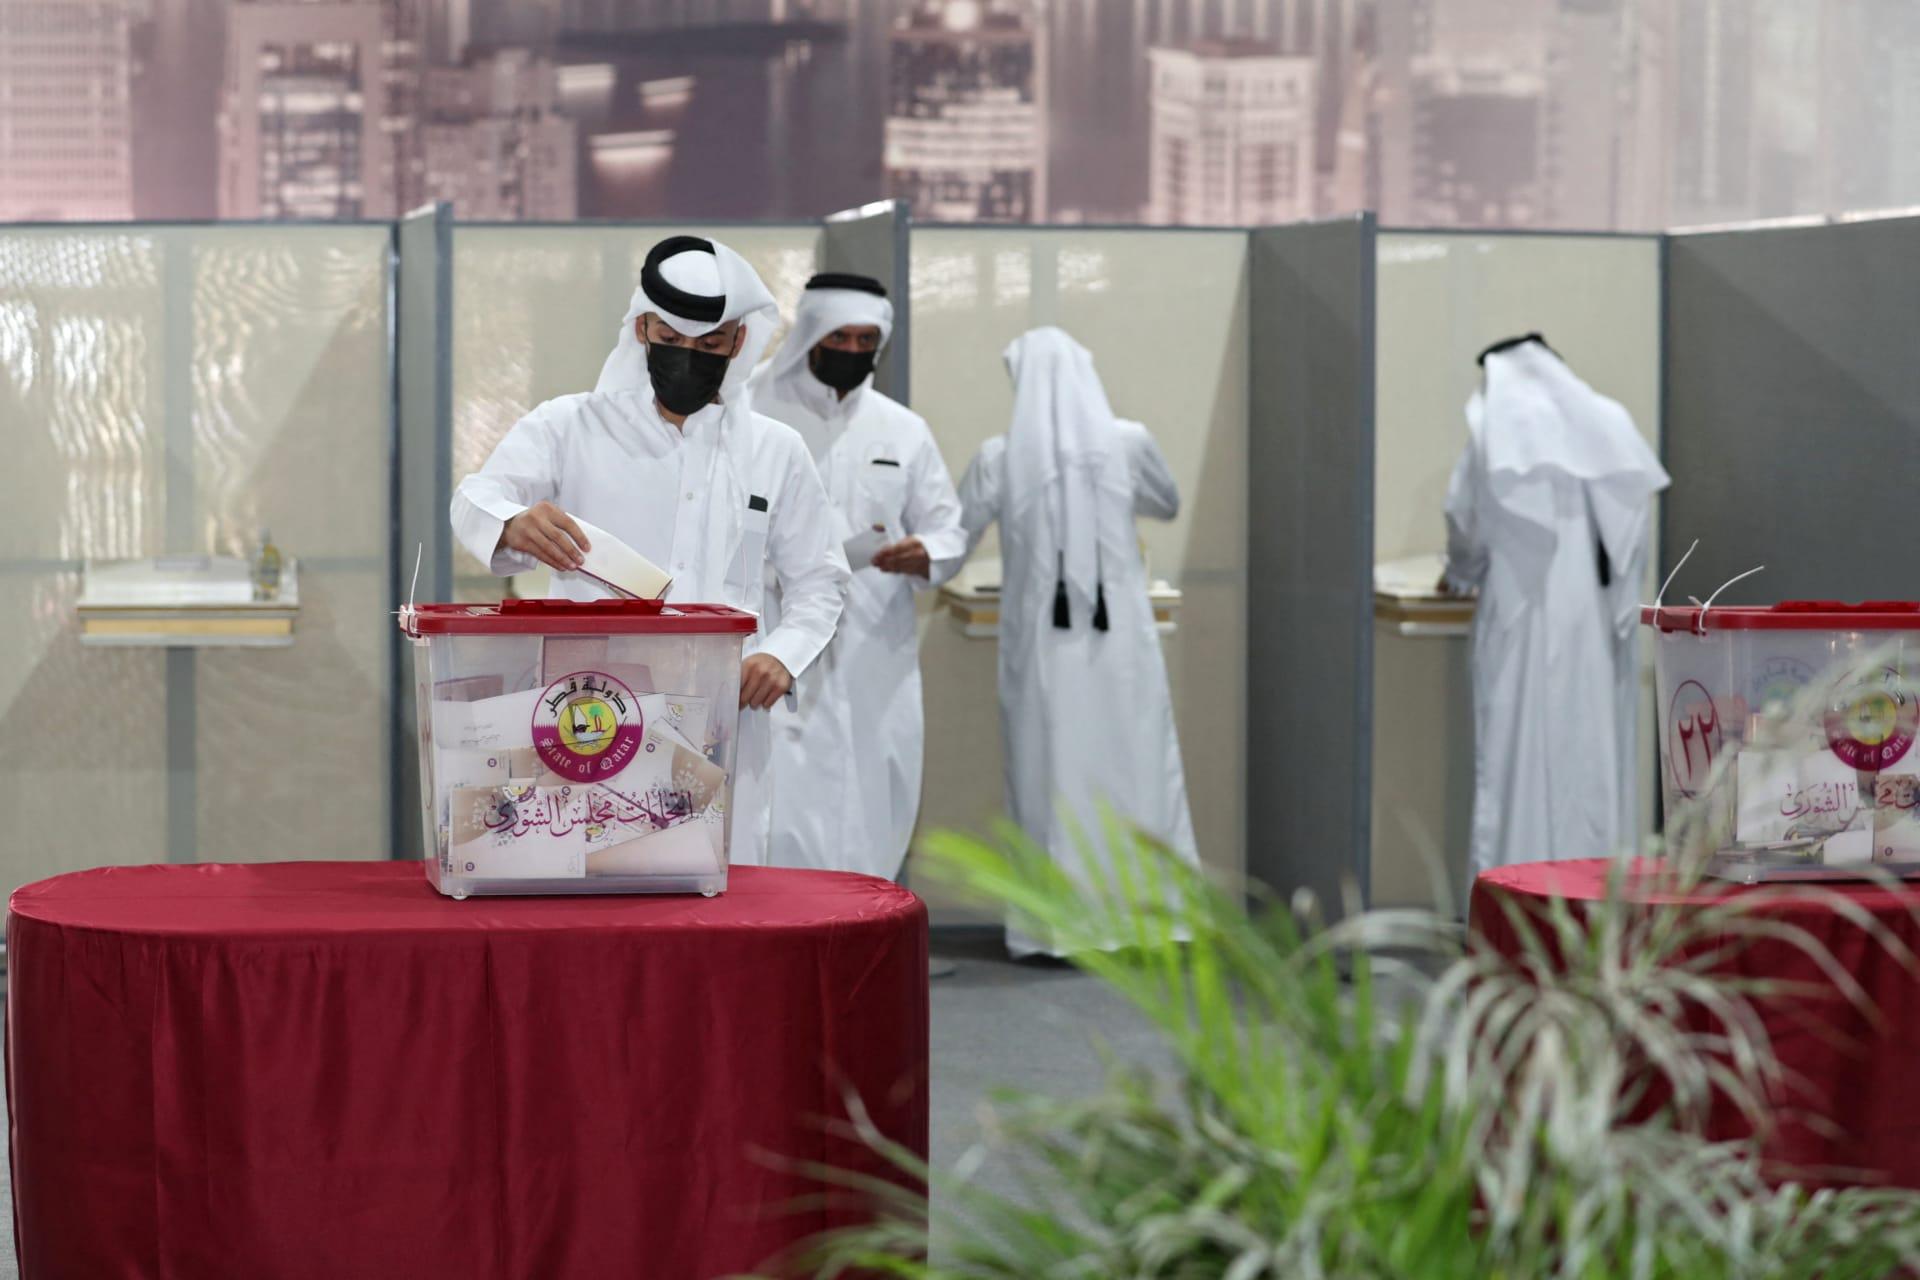 قطريون في مركز اقتراع في مدينة الفويرط الساحلية الشمالية، على بعد حوالي 50 كيلومترًا شمال العاصمة الدوحة ، خلال أول انتخابات تشريعية في البلاد، في 2 أكتوبر 2021.